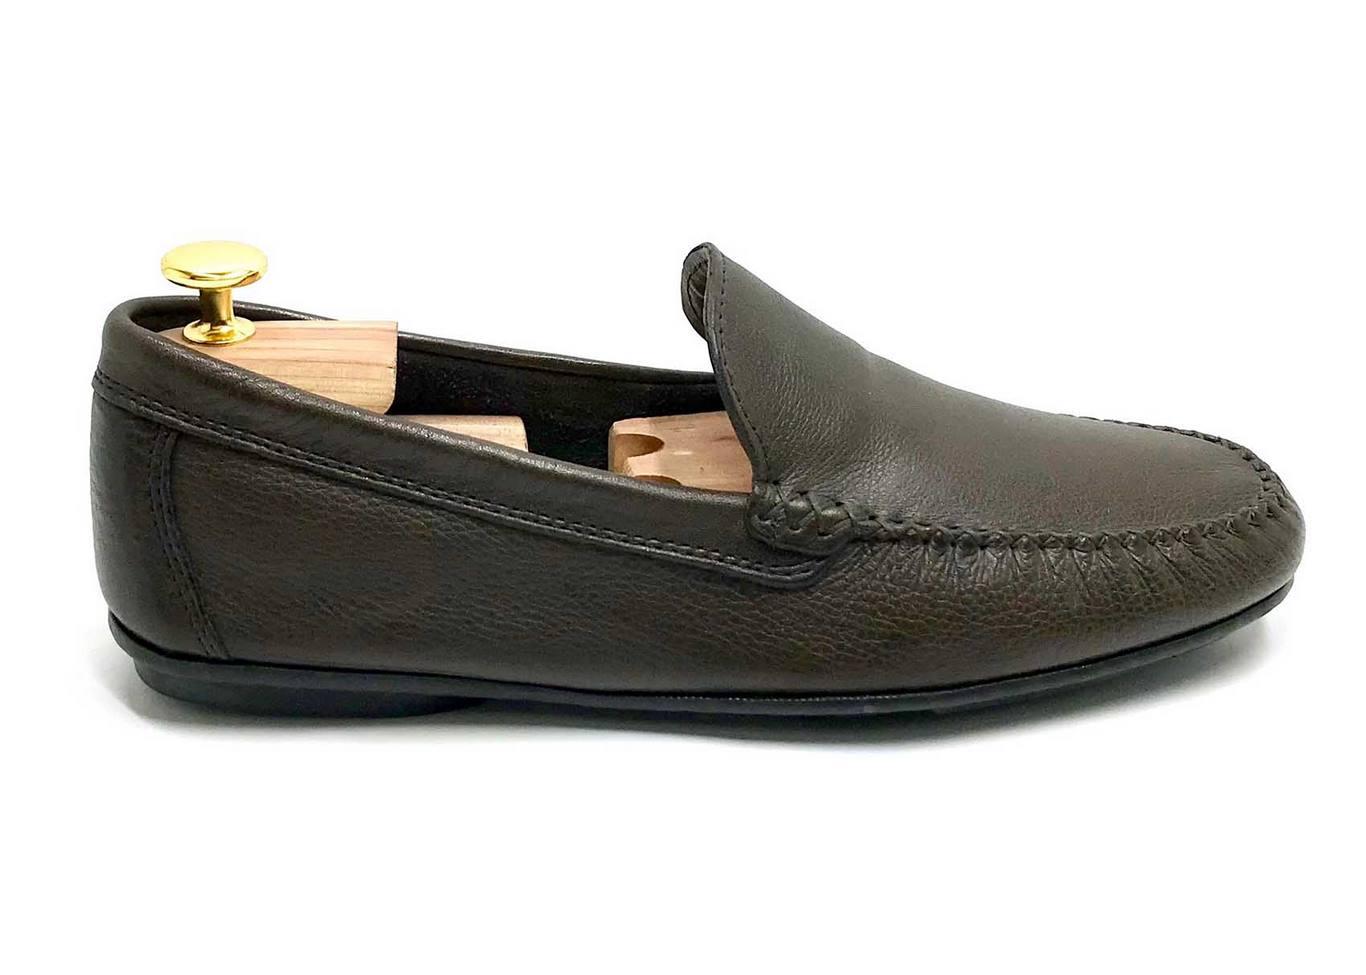 Mocassino Tubolare costruito con suola di gomma flessibile in Vitello martellato Marrone scuro